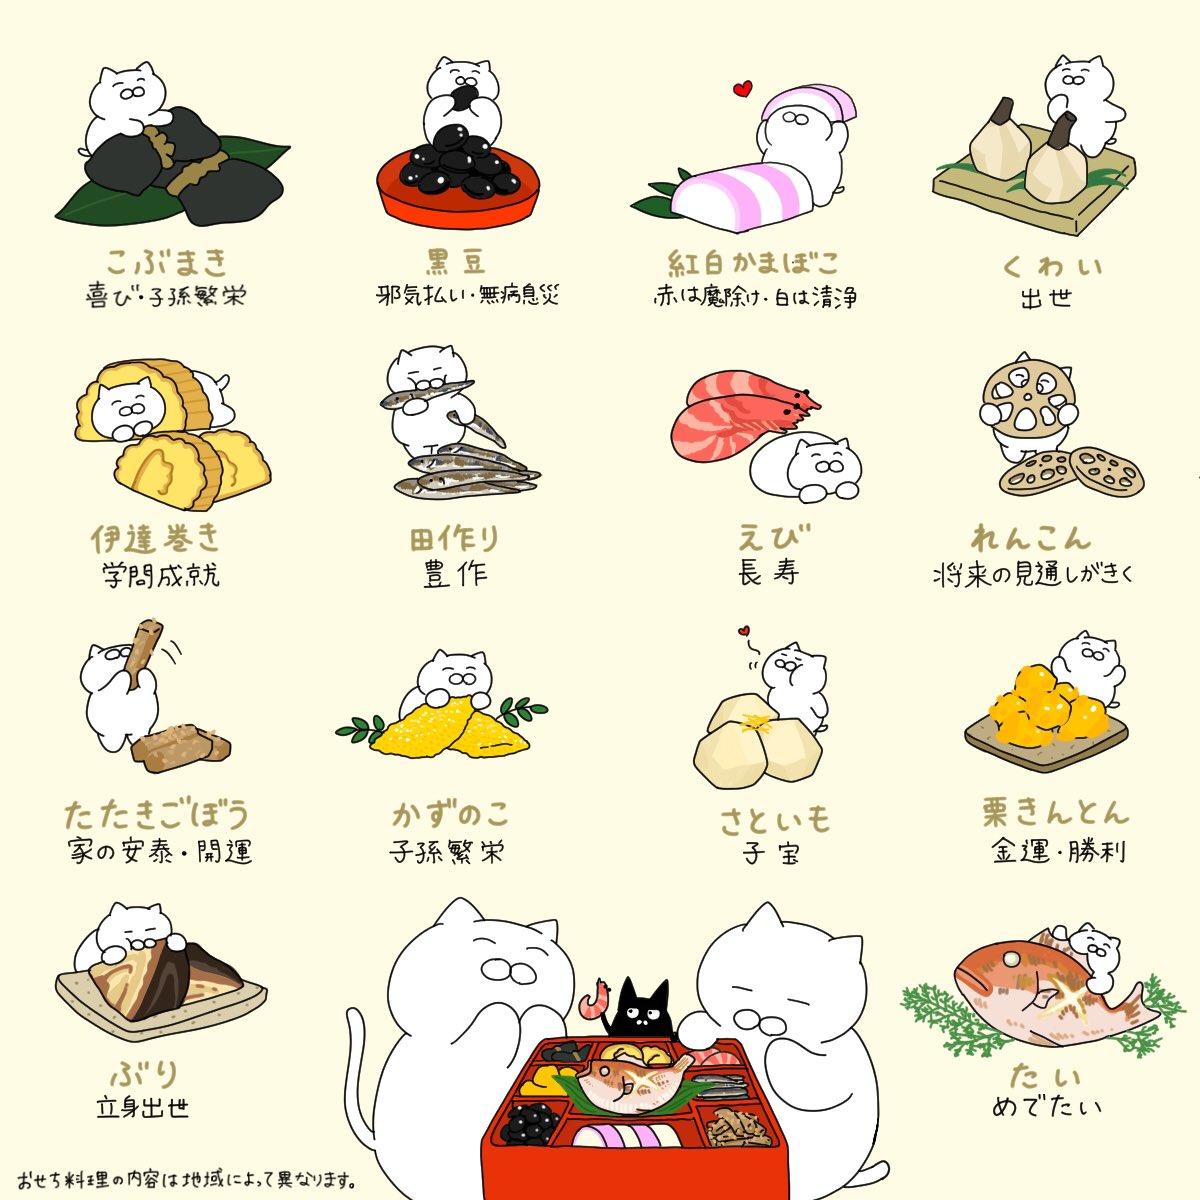 【意識して食べると一味違う!】おせち(御節)料理には縁起の良い食べ物がたくさん入っています。